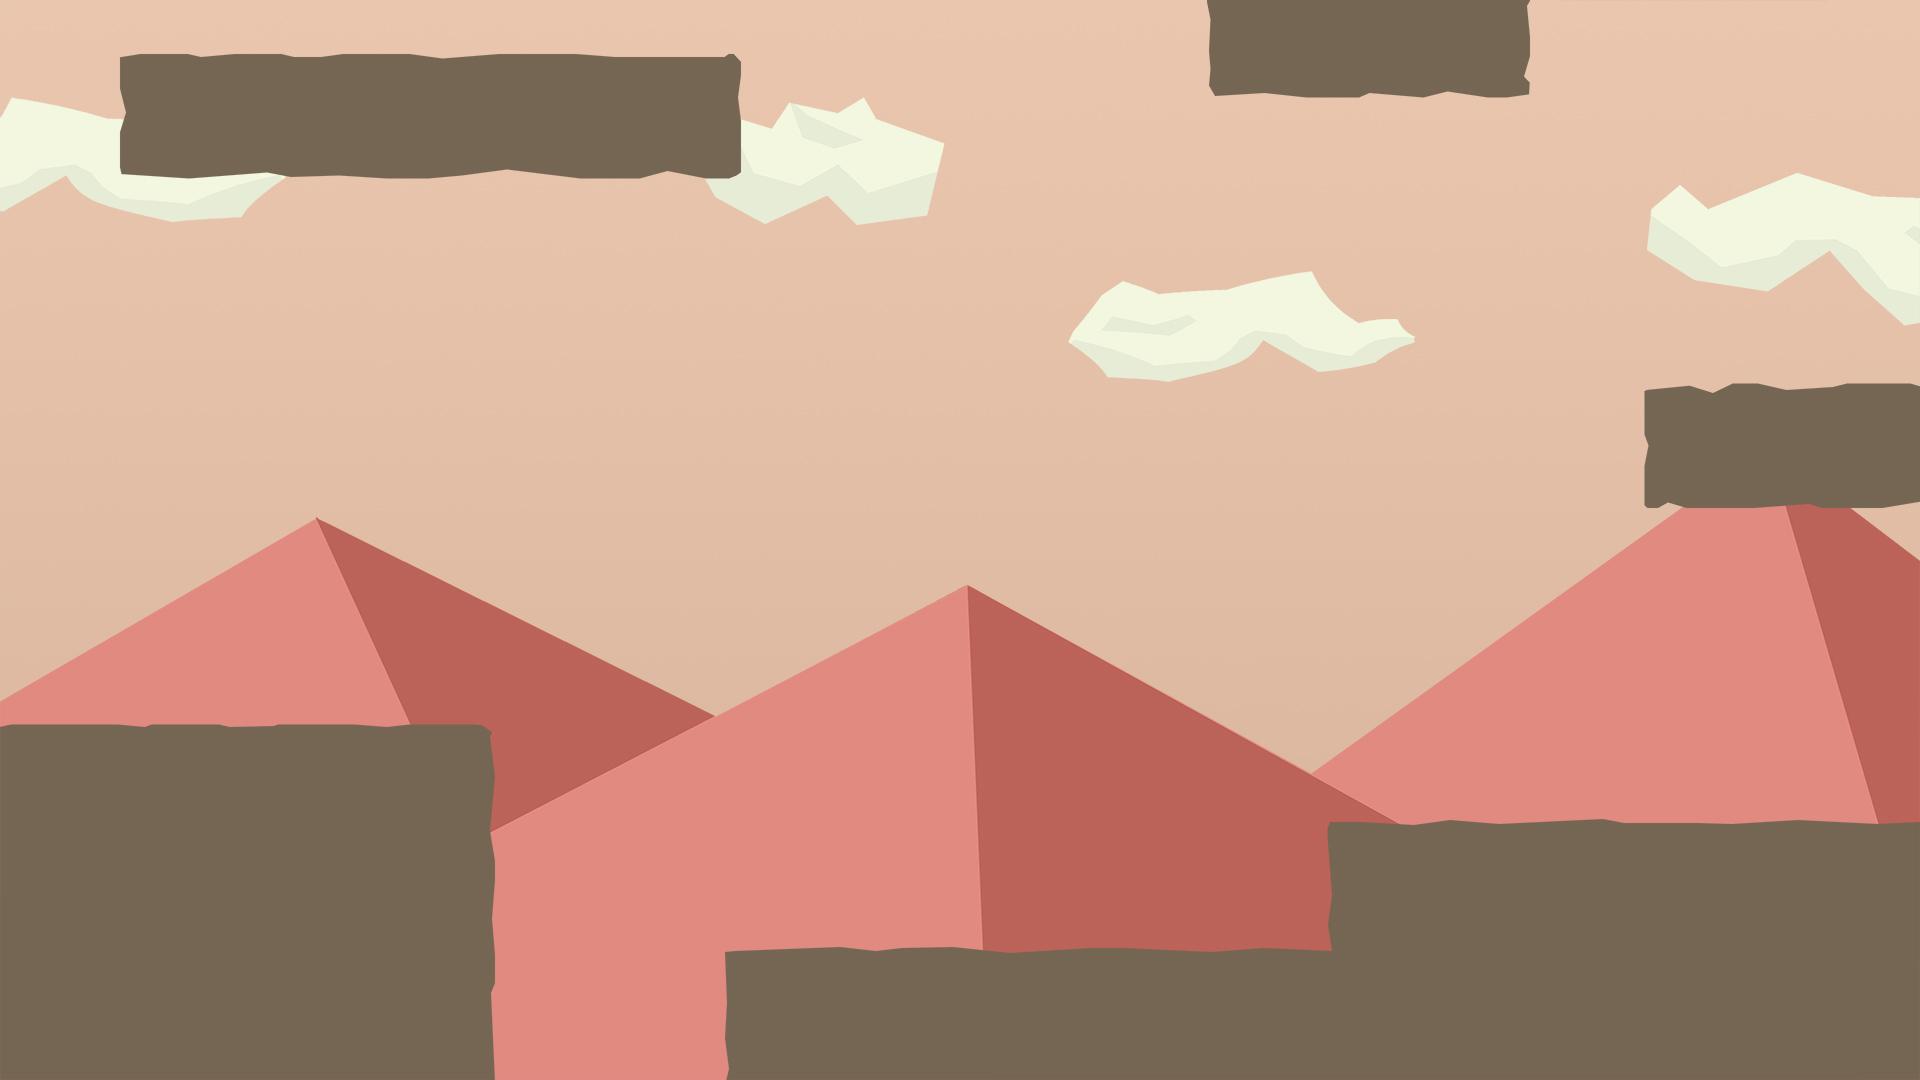 Mountains environment concept